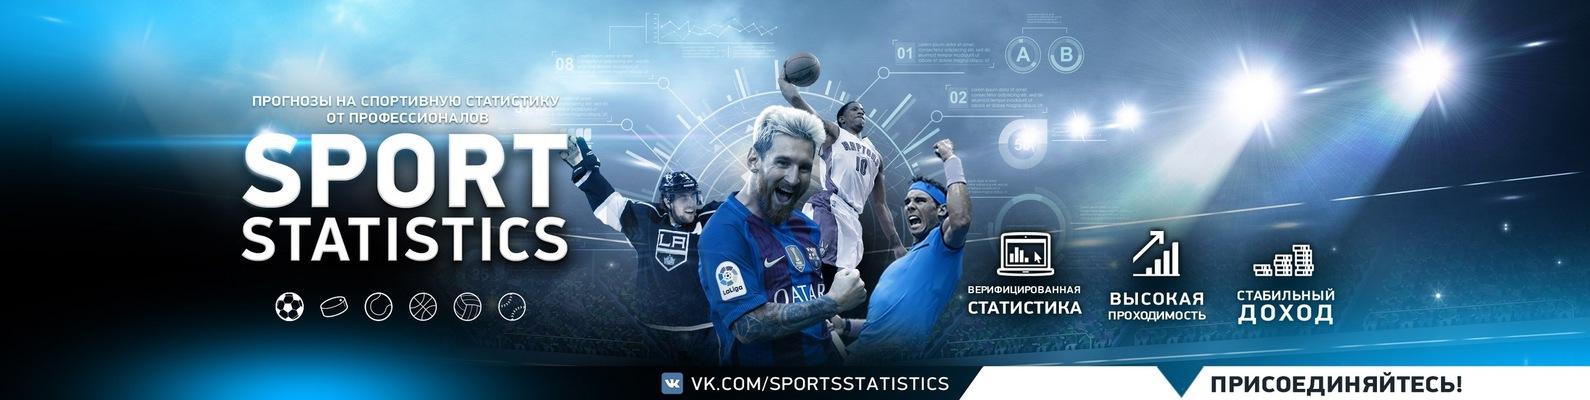 Прогнозы на спортивные события сегодня от профессионалов бесплатно ставки на спорт по математике